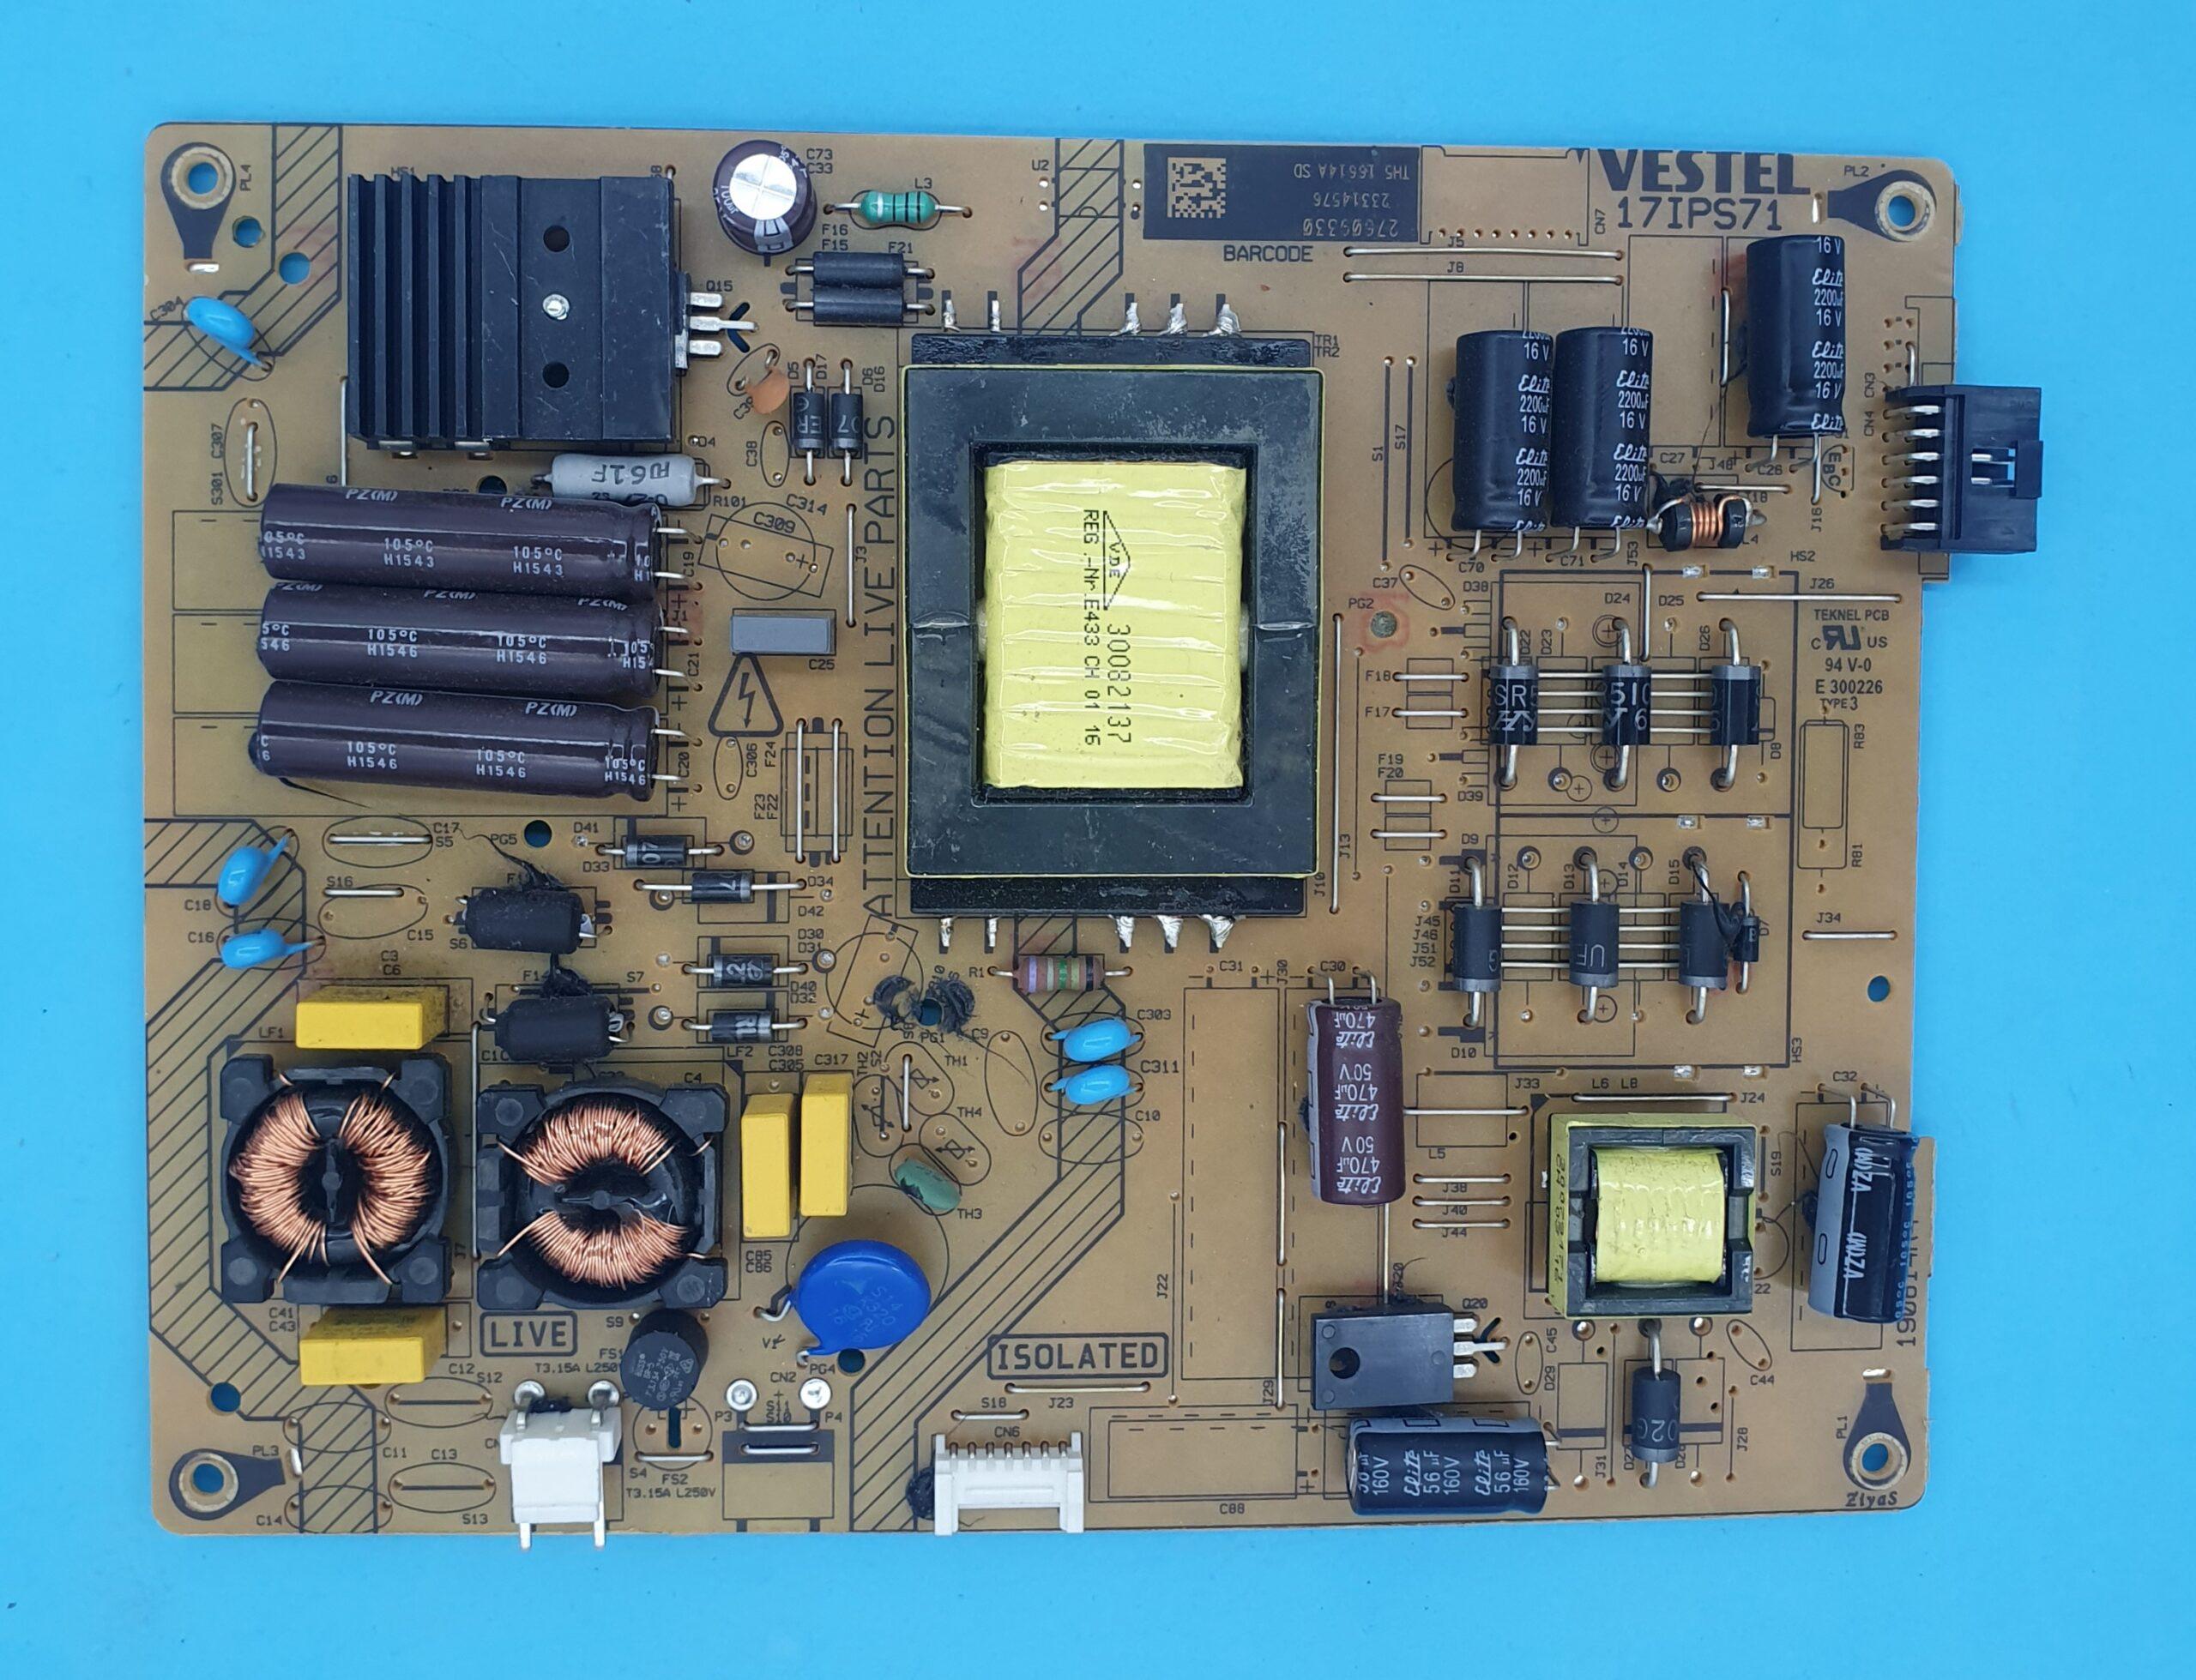 17IPS71-23314576 Vestel Power (KDV DAHİL = 150 TL)